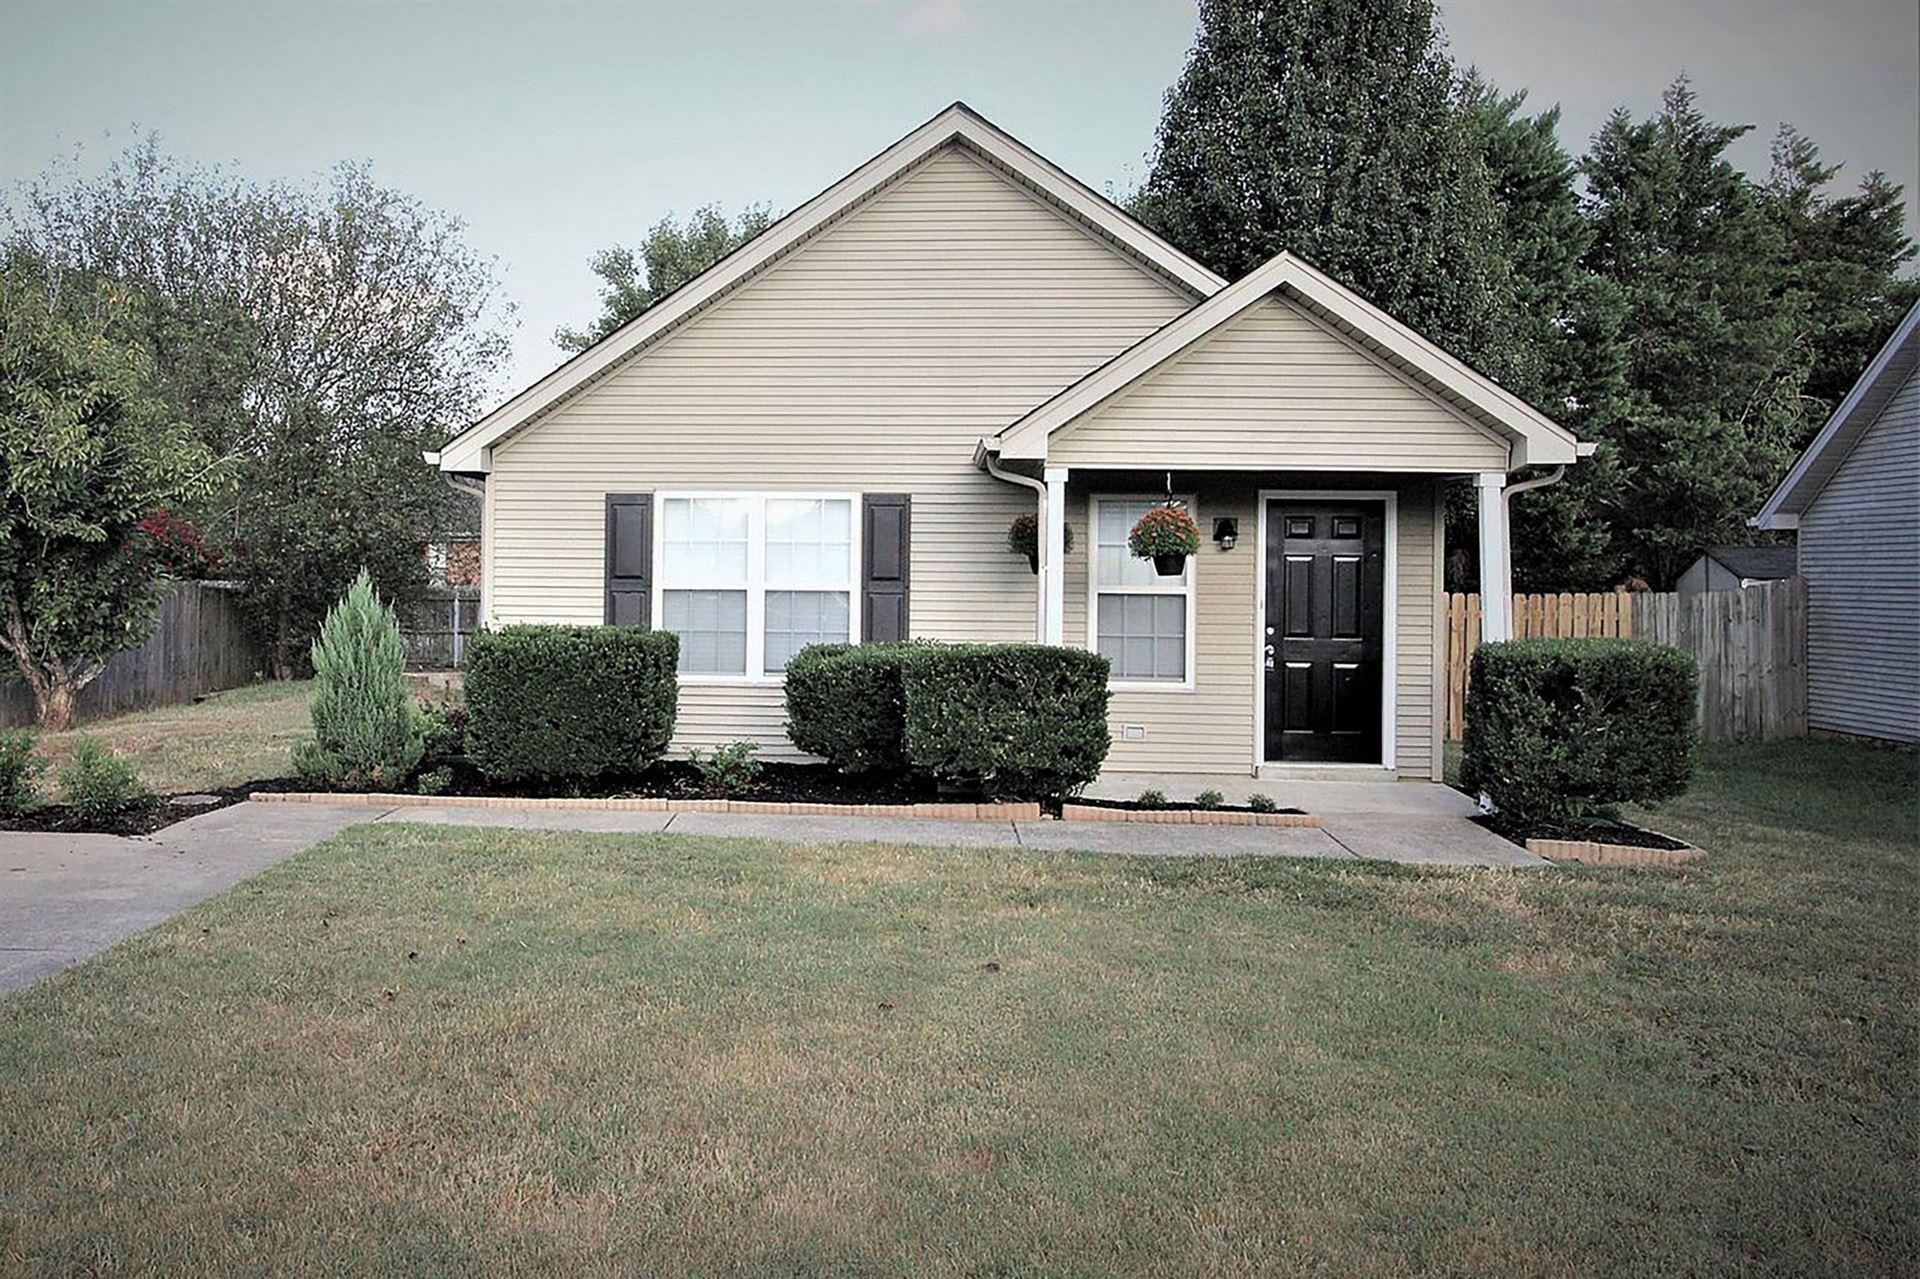 2723 Windwalker Ct, Murfreesboro, TN 37128 - MLS#: 2199576